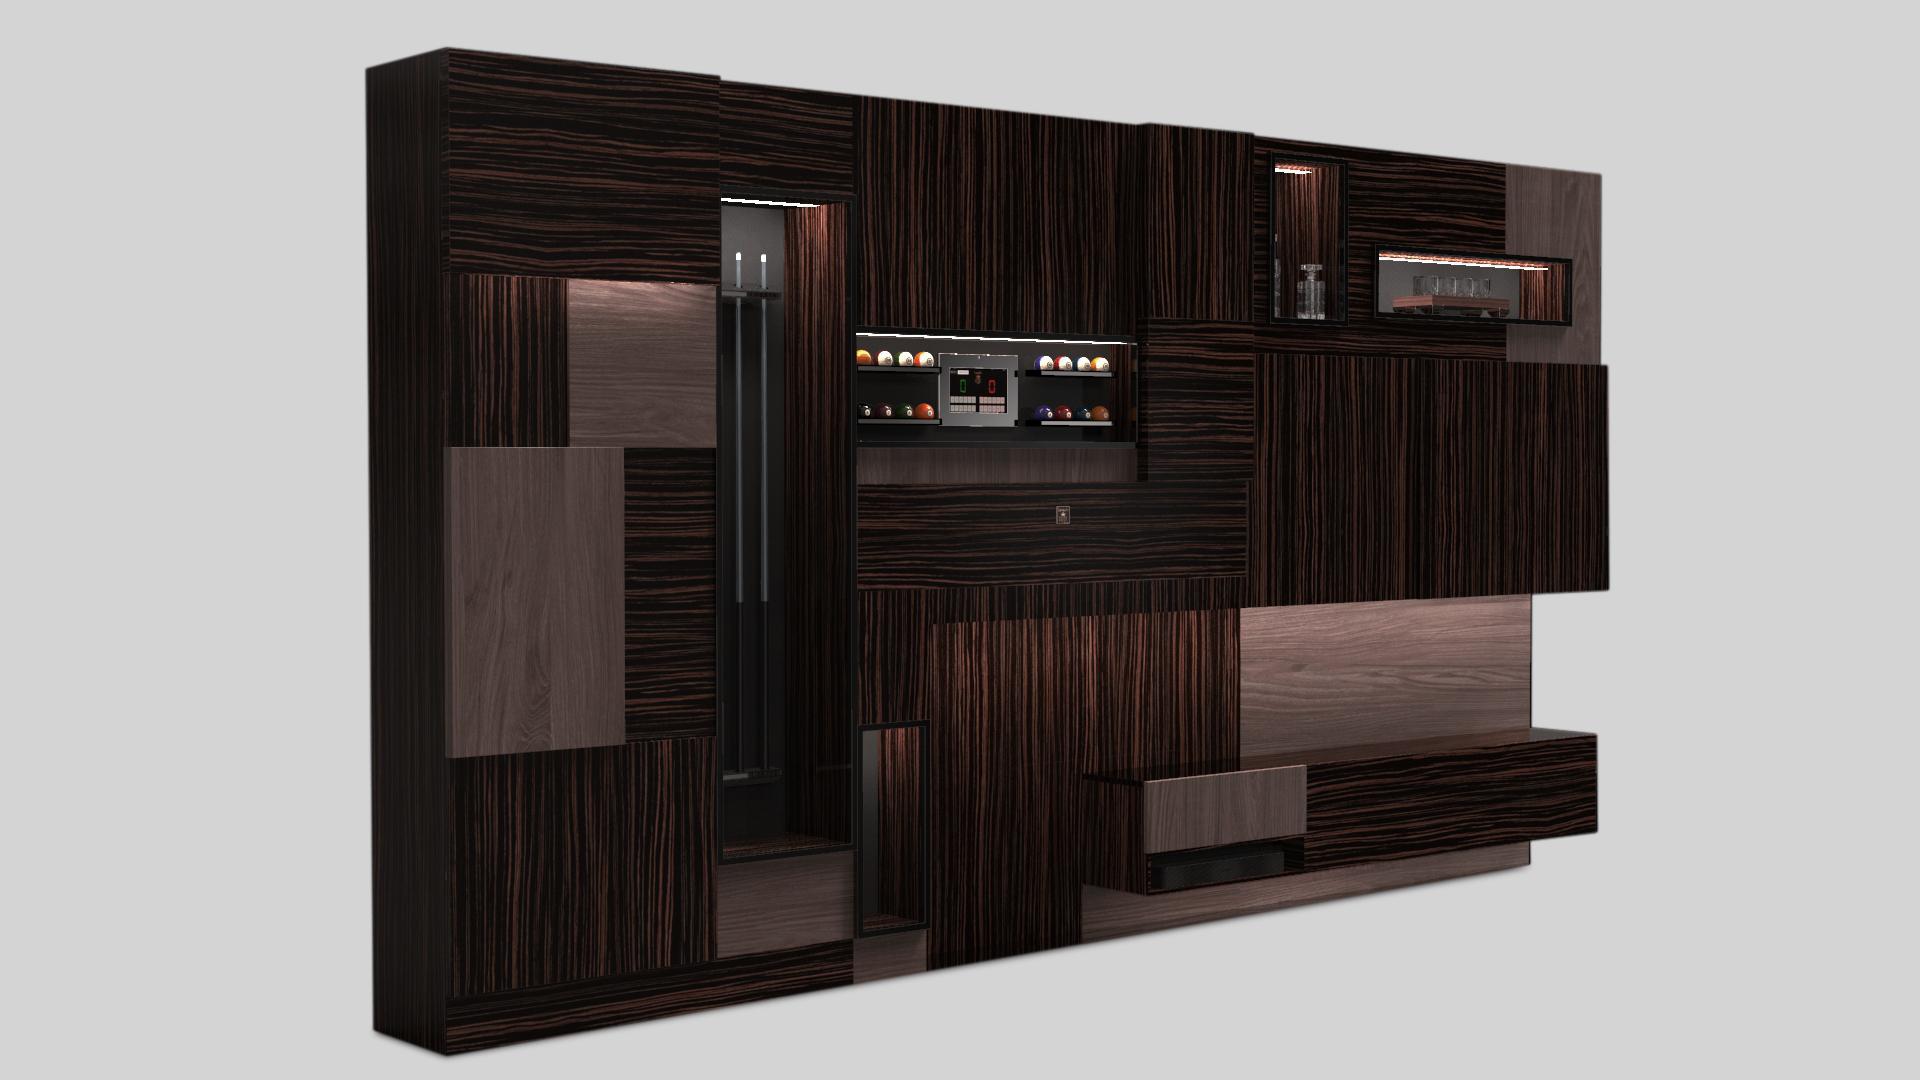 Оборудованная мебельная стенка Teka W46 7